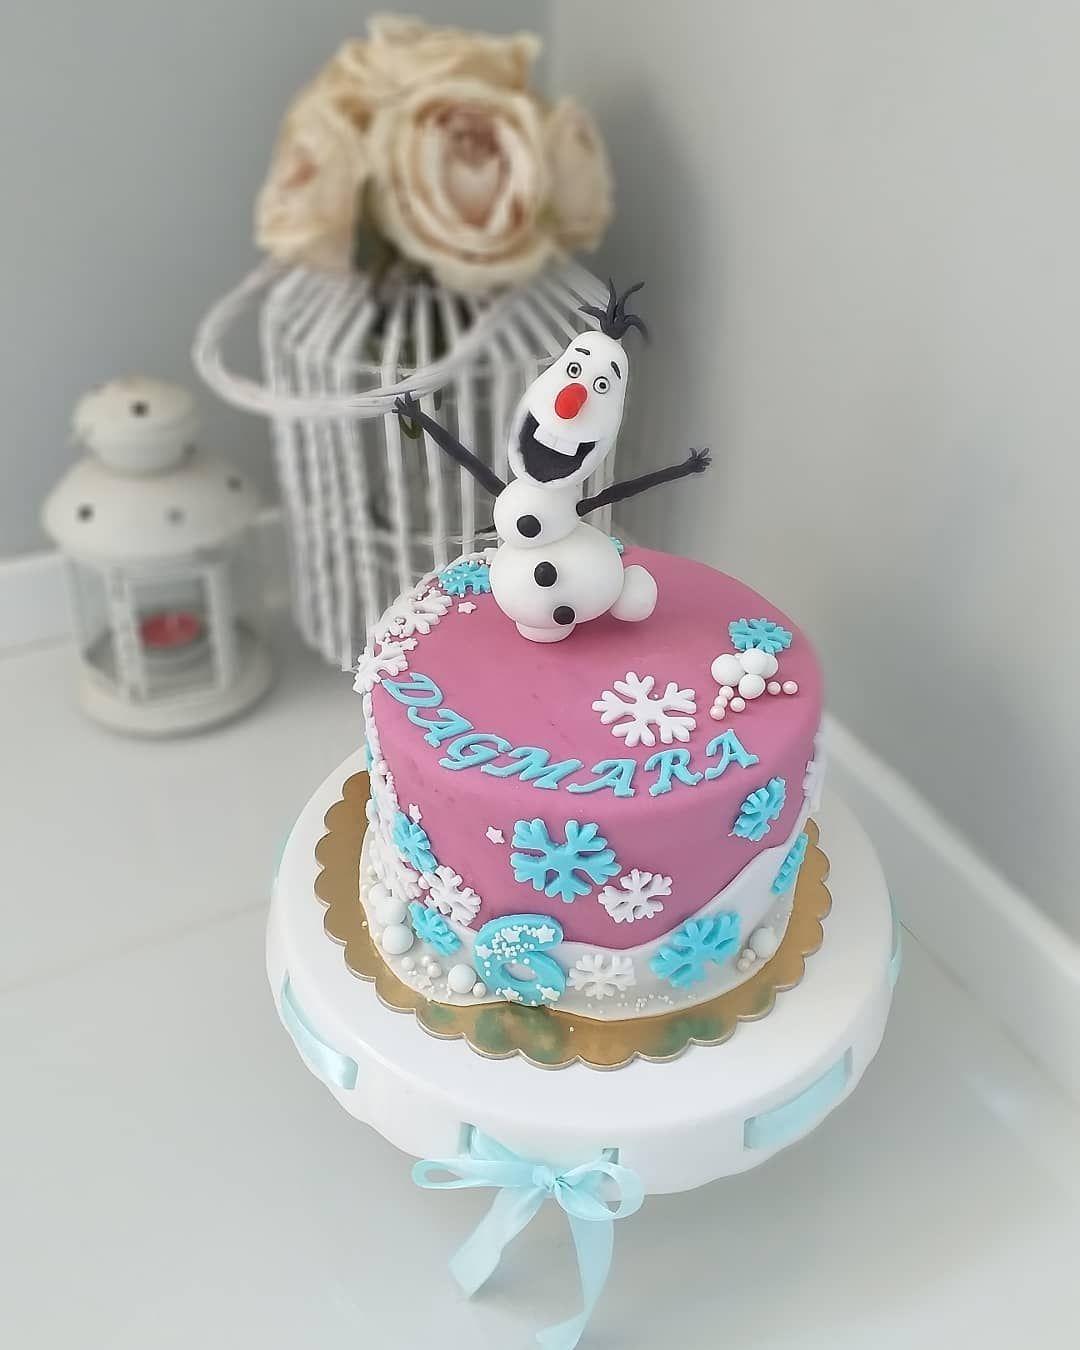 Tort Kraina Lodu With Images Przyjecie Dla Dzieci Tort Ciasta